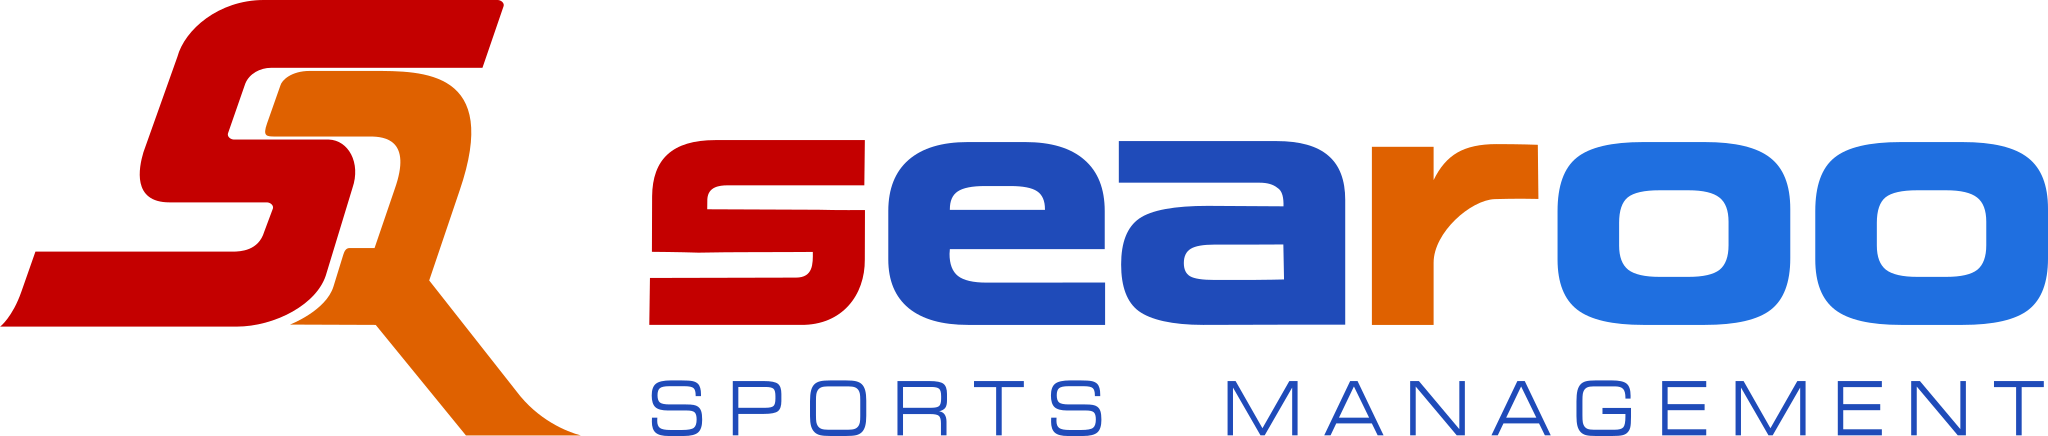 Searoo Sports